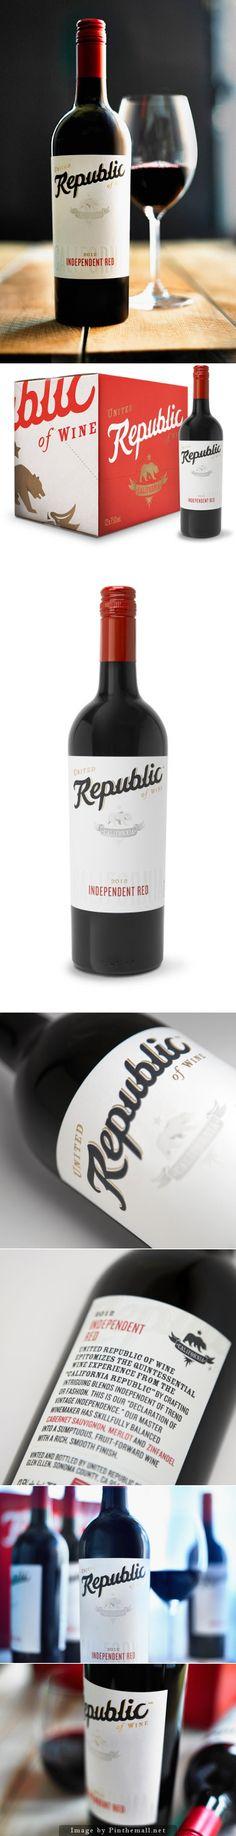 United Republic of Wine #taninotanino #vinosmaximum